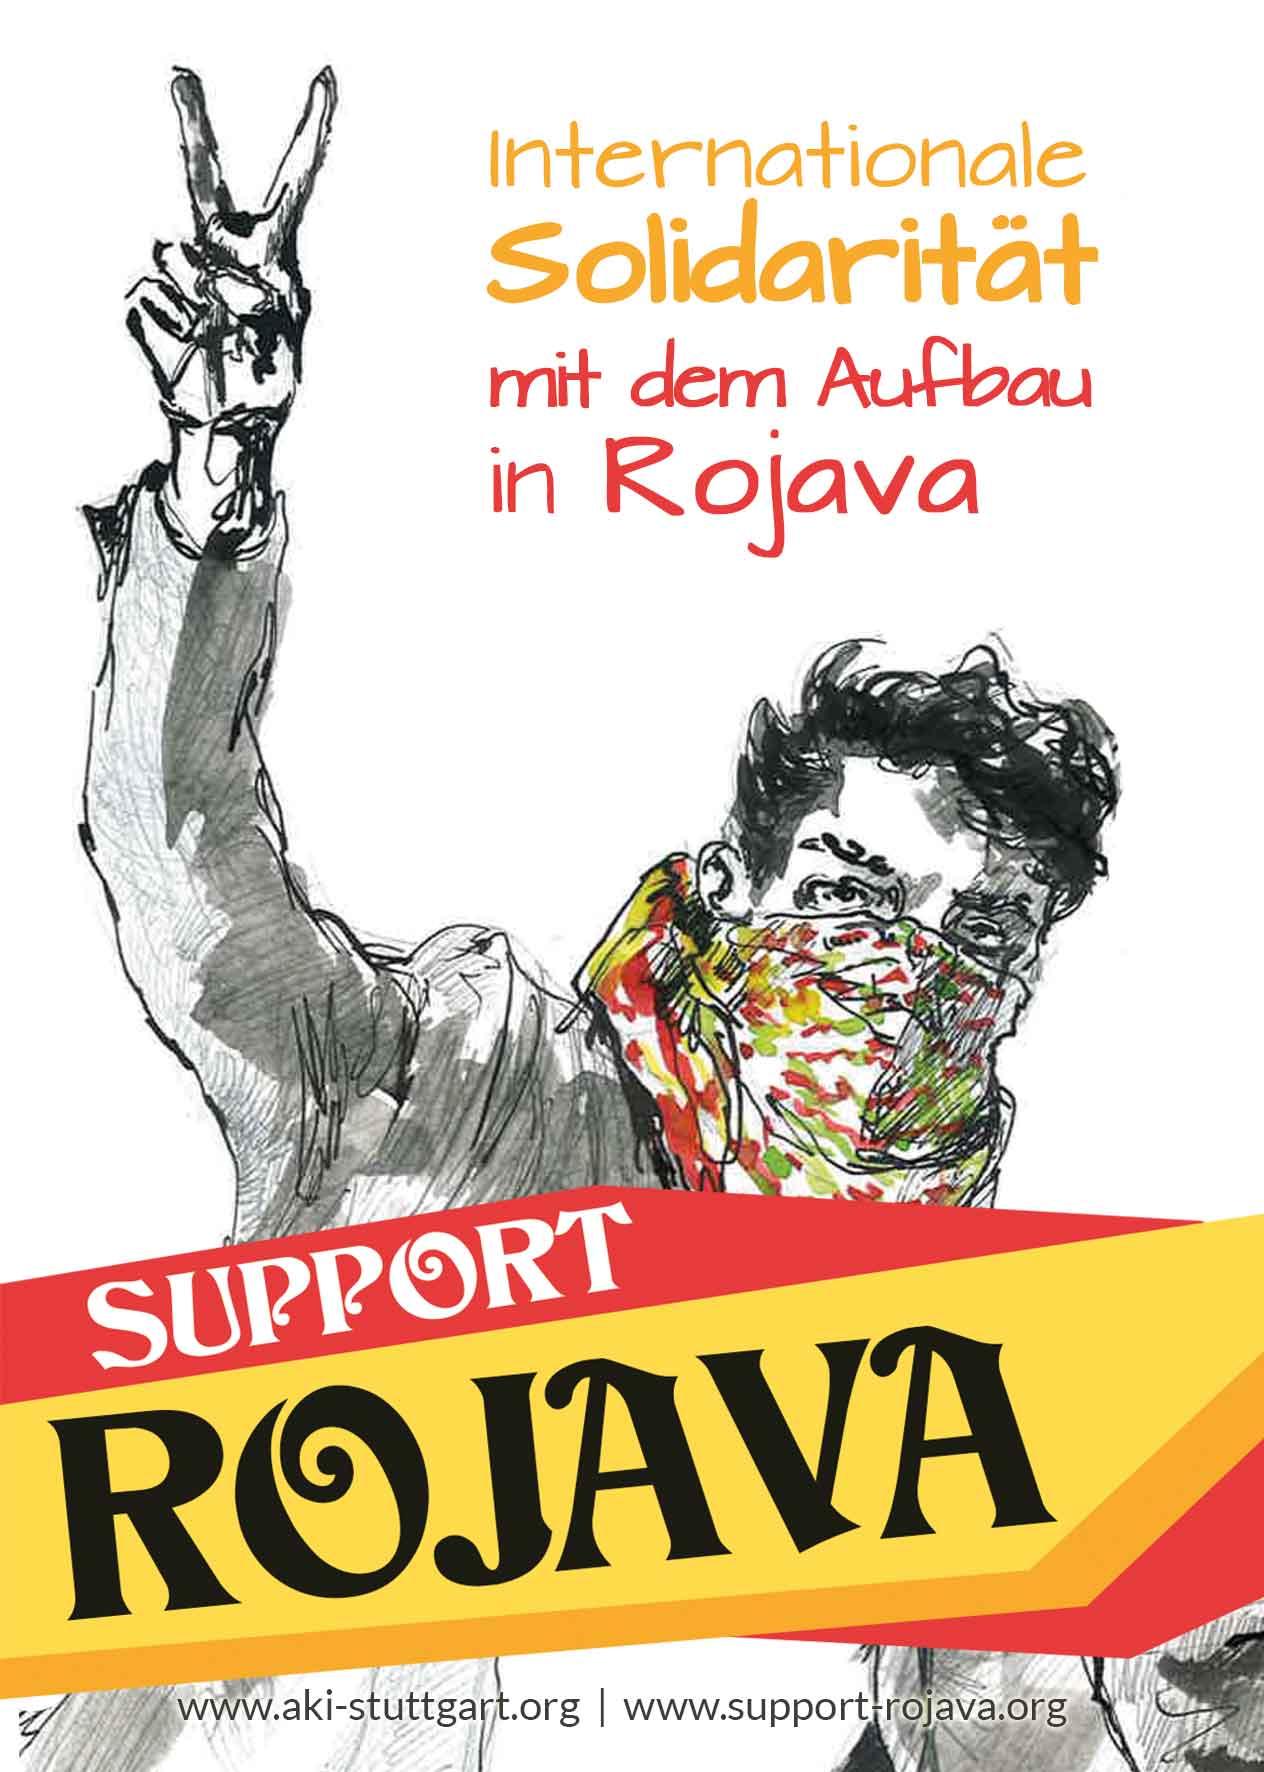 Wandzeitung und Aufkleber zu Rojava